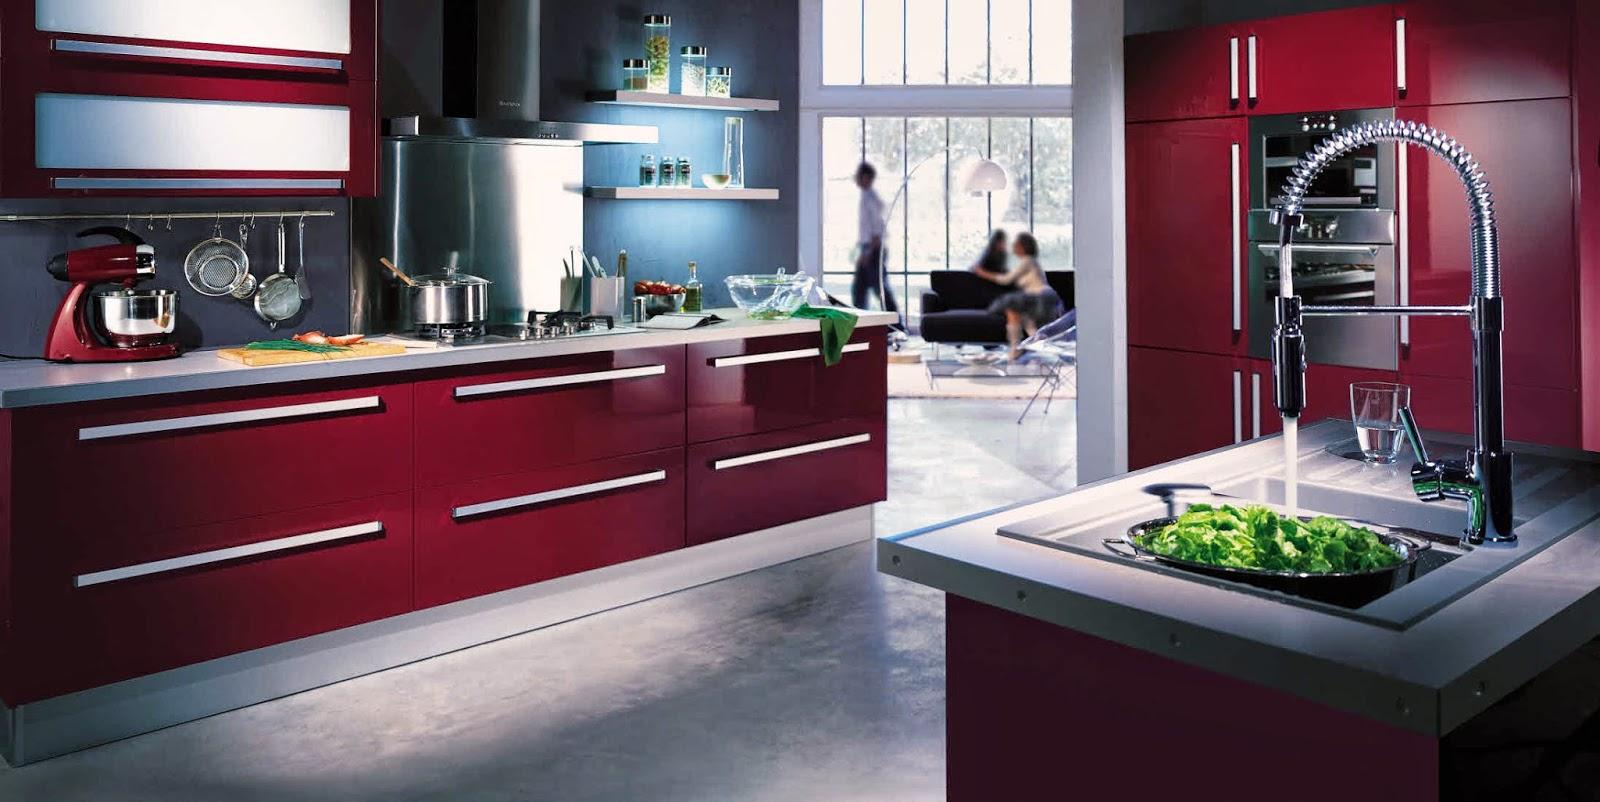 Dessiner sa cuisine en 3d gratuitement sofag - Faire sa cuisine en 3d gratuitement ...